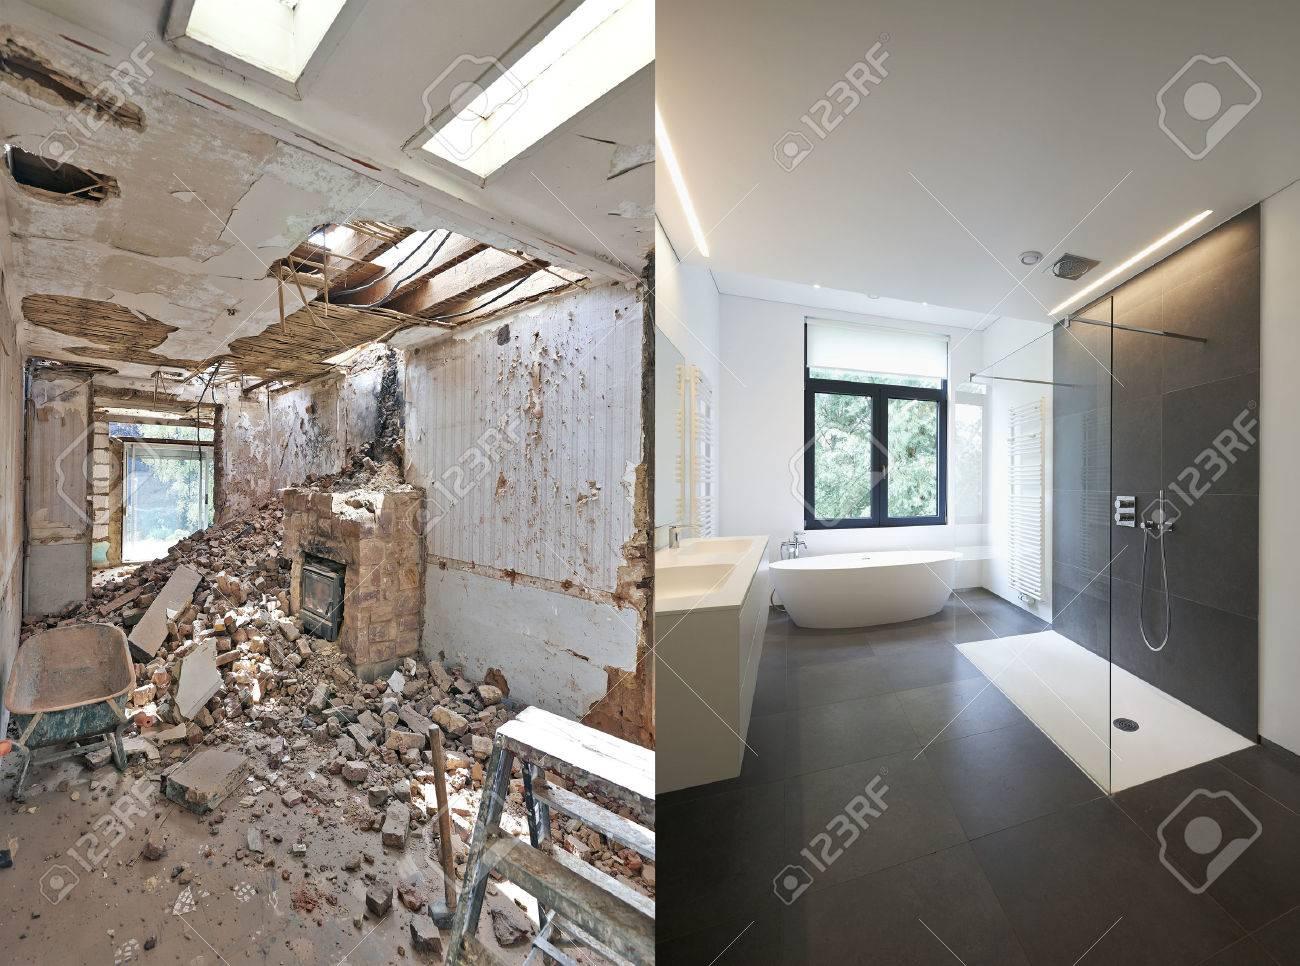 Salle De Bain Renovation Avant Apres ~ r novation d une salle de bain avant et apr s en format horizontal